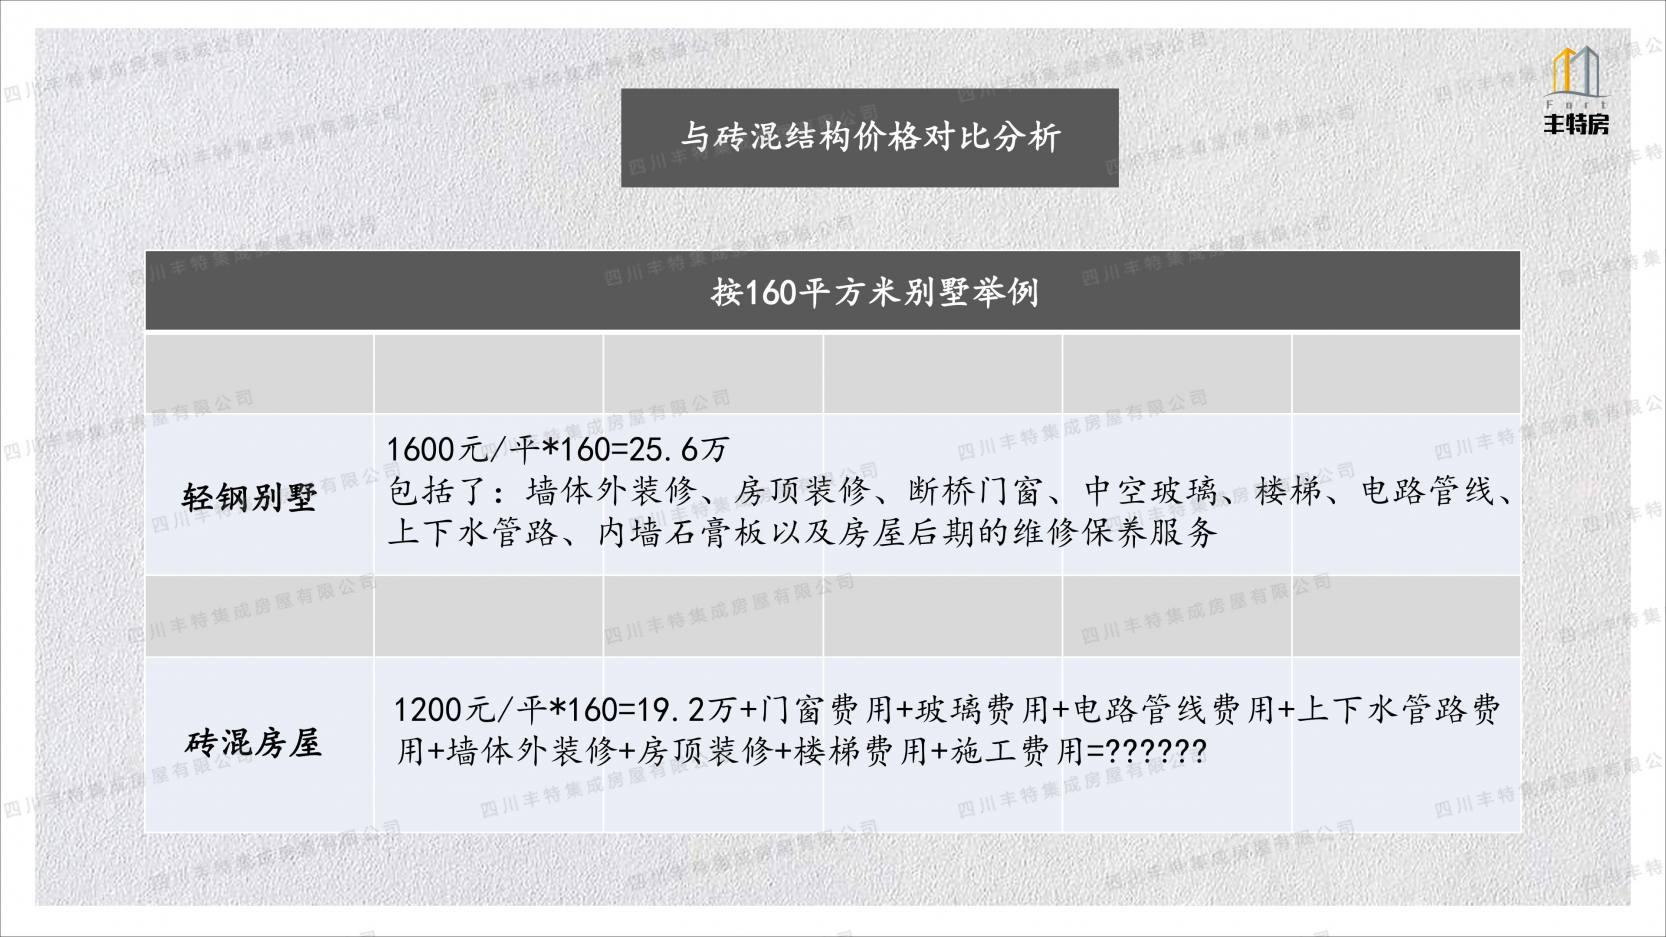 四川丰特集成房屋有限公司 (22)